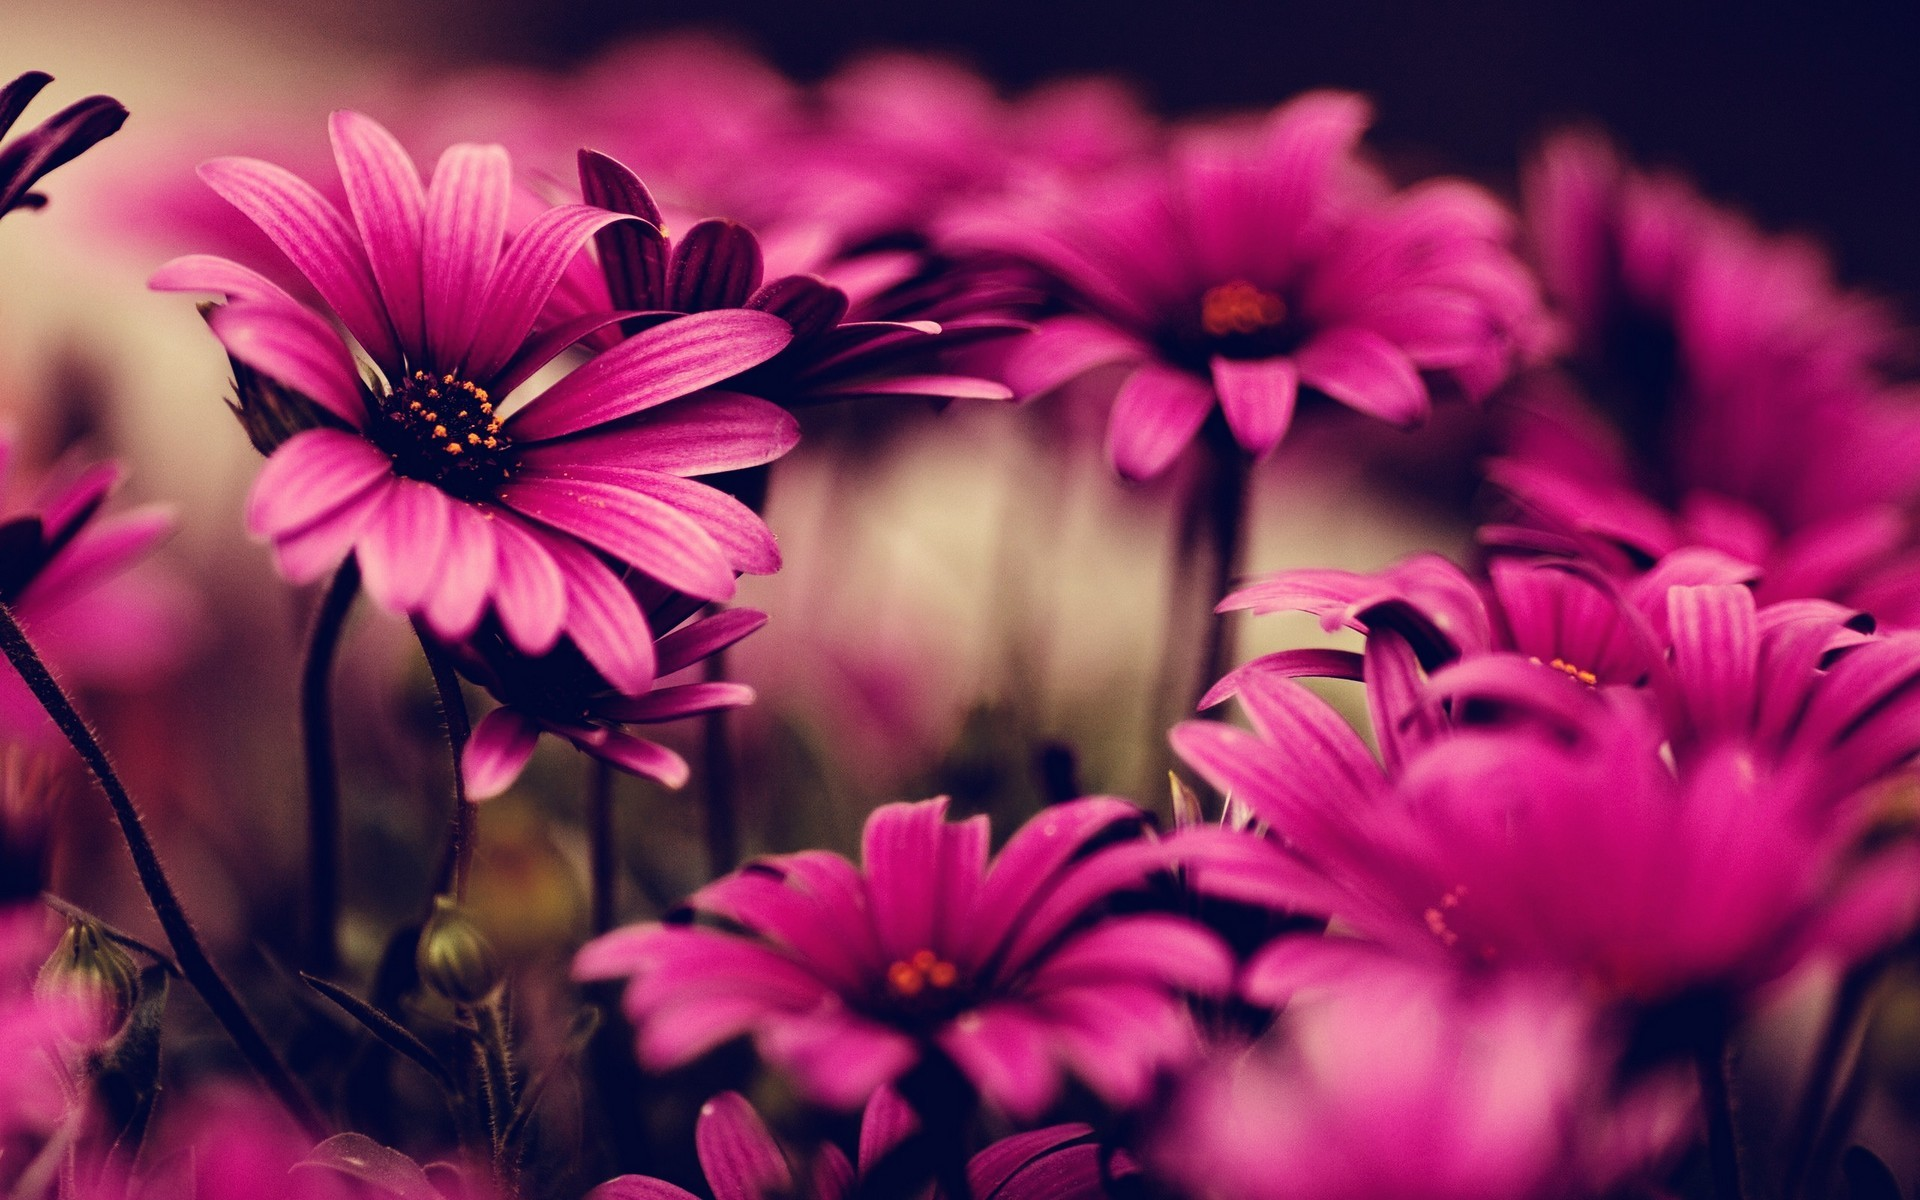 Flower Desktop Backgrounds 60 Images